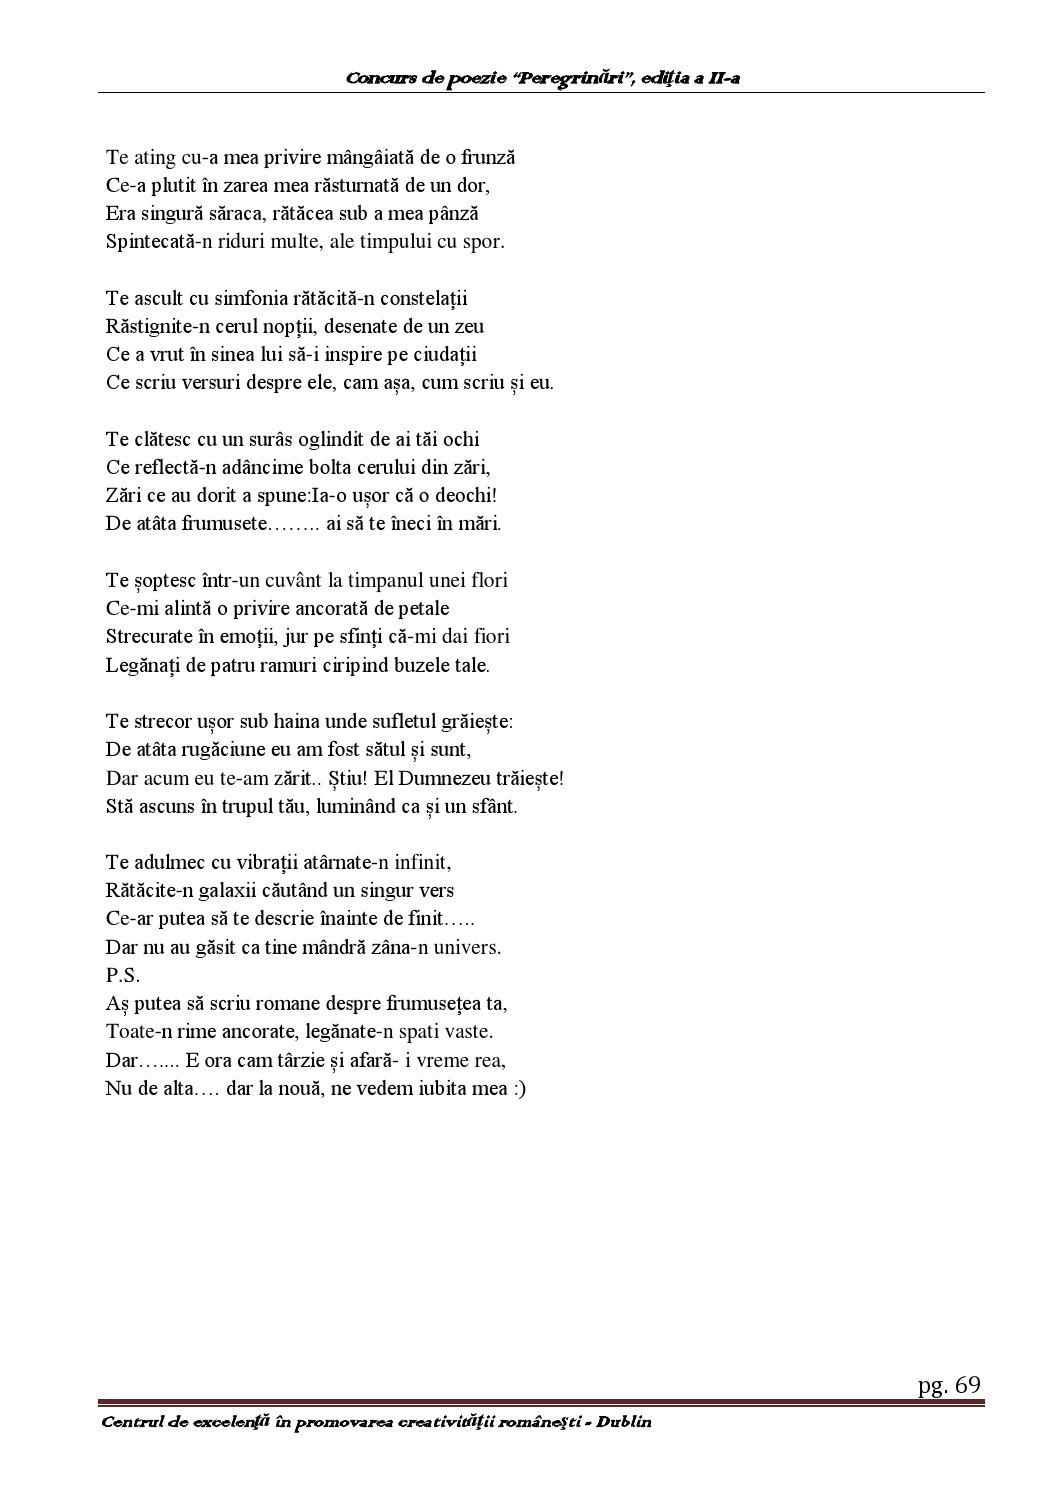 un singur om - Traducere în franceză - exemple în română   Reverso Context